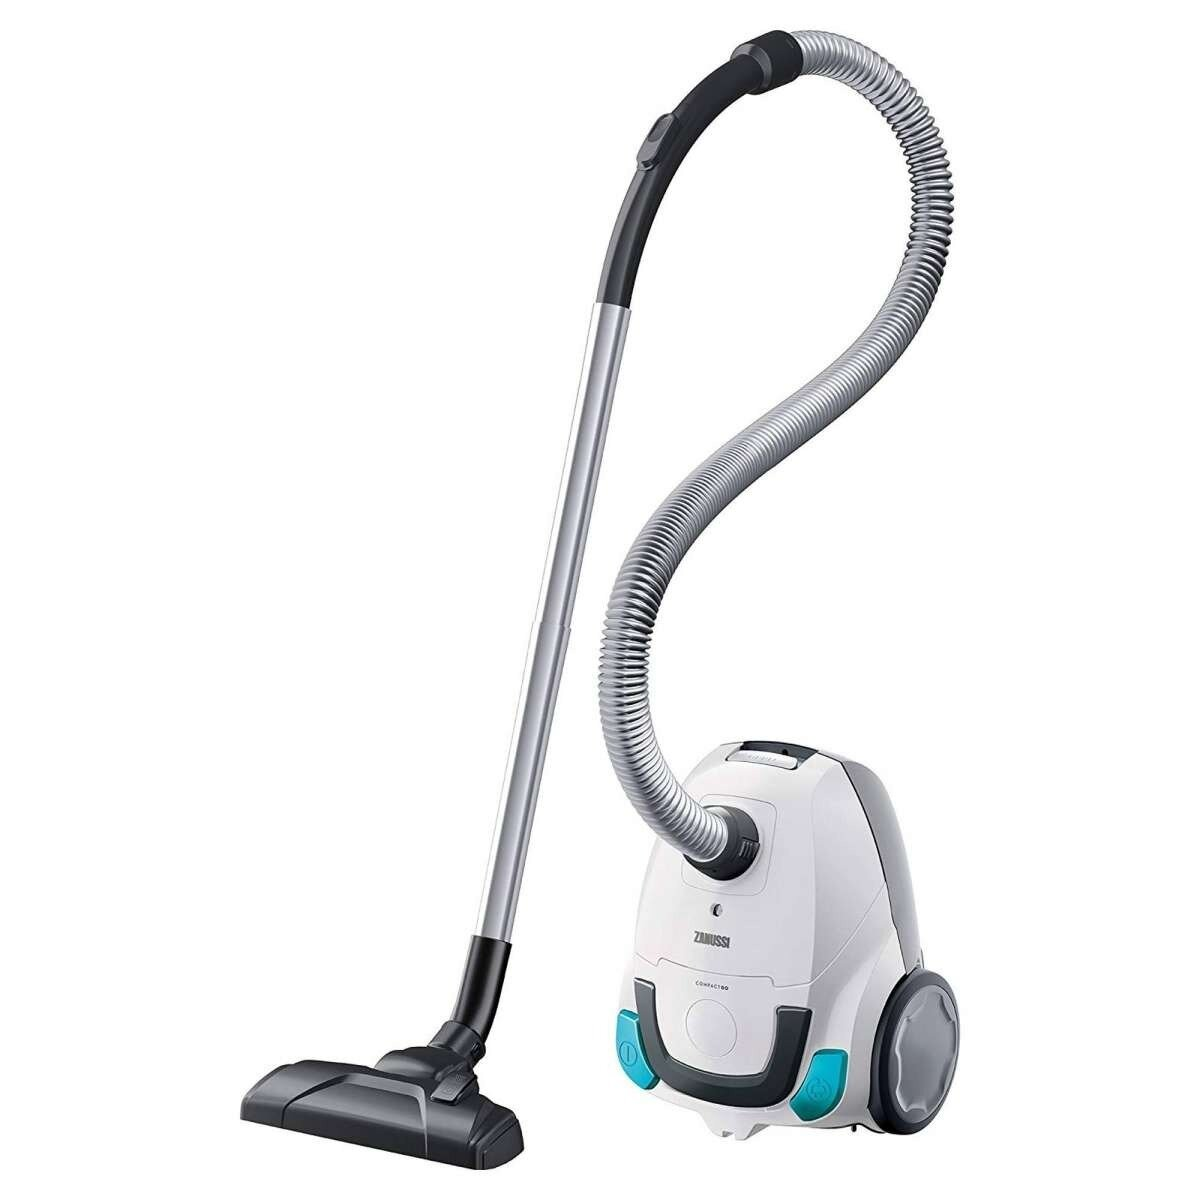 Zanussi ZAN2100WB 650W Compact Go Vacuum Cleaner White/Blue